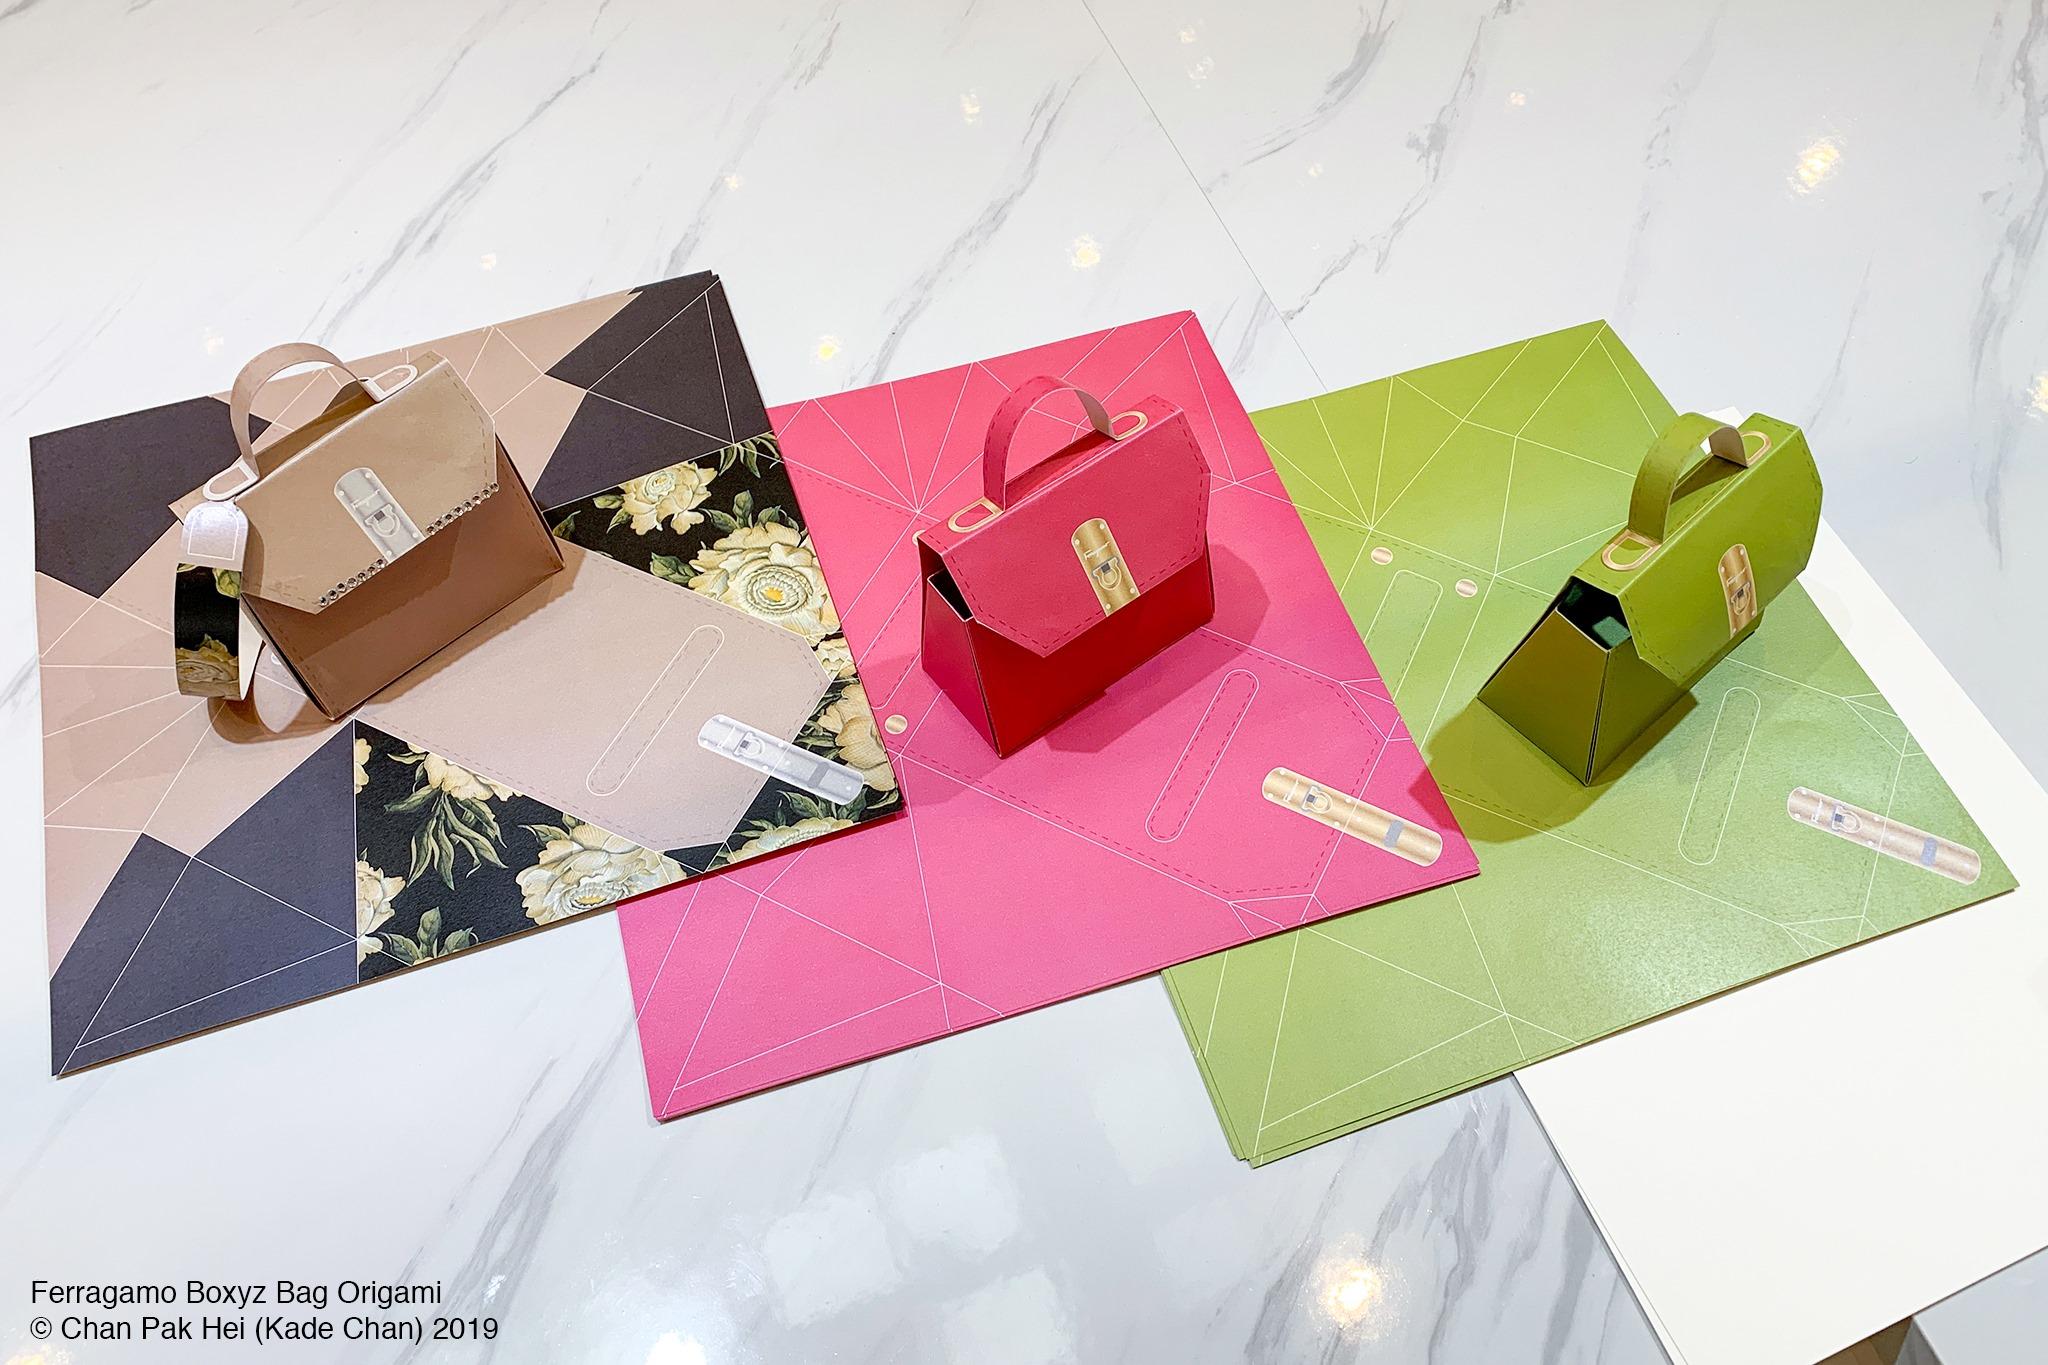 Ferragamo BOXYZ Origami